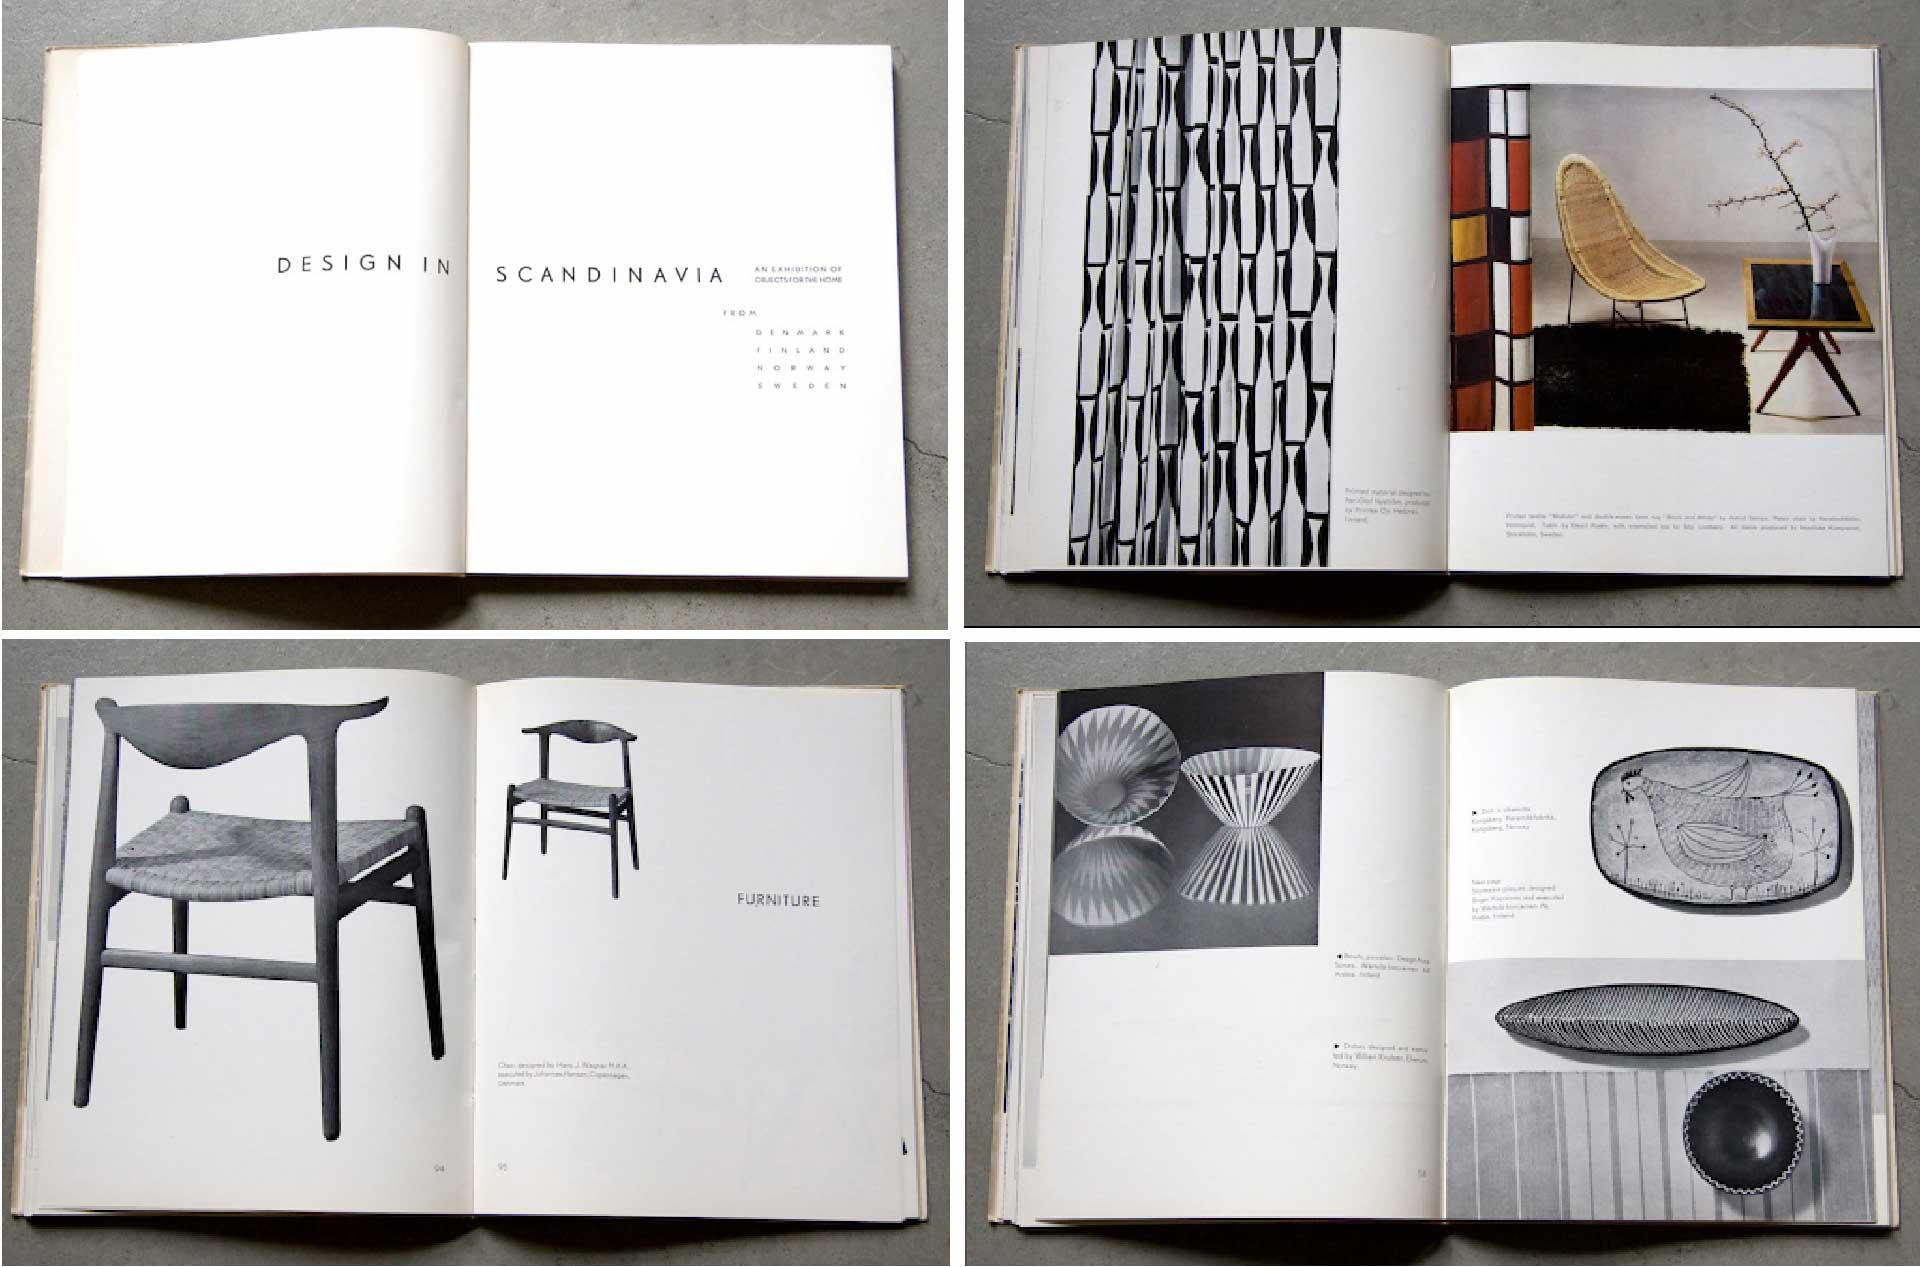 Nordic designs originated from Scandinavia's design magazine